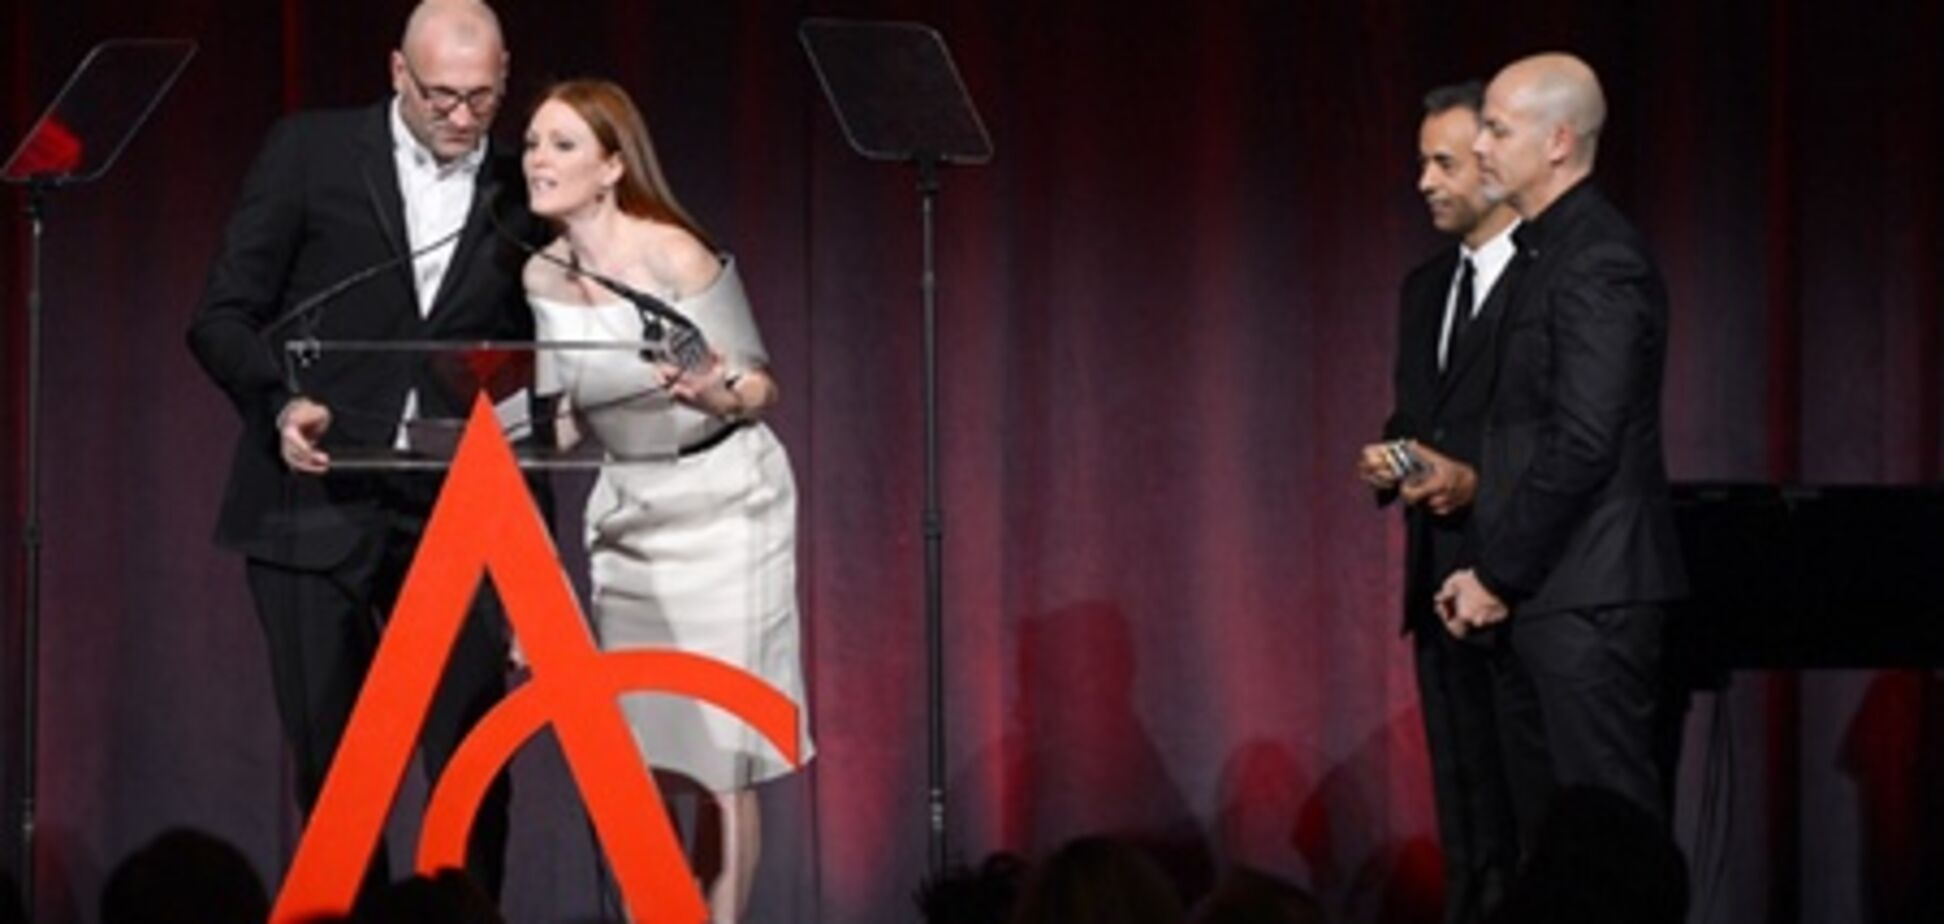 Звезды побывали на церемонии вручения ACE Awards. Фото